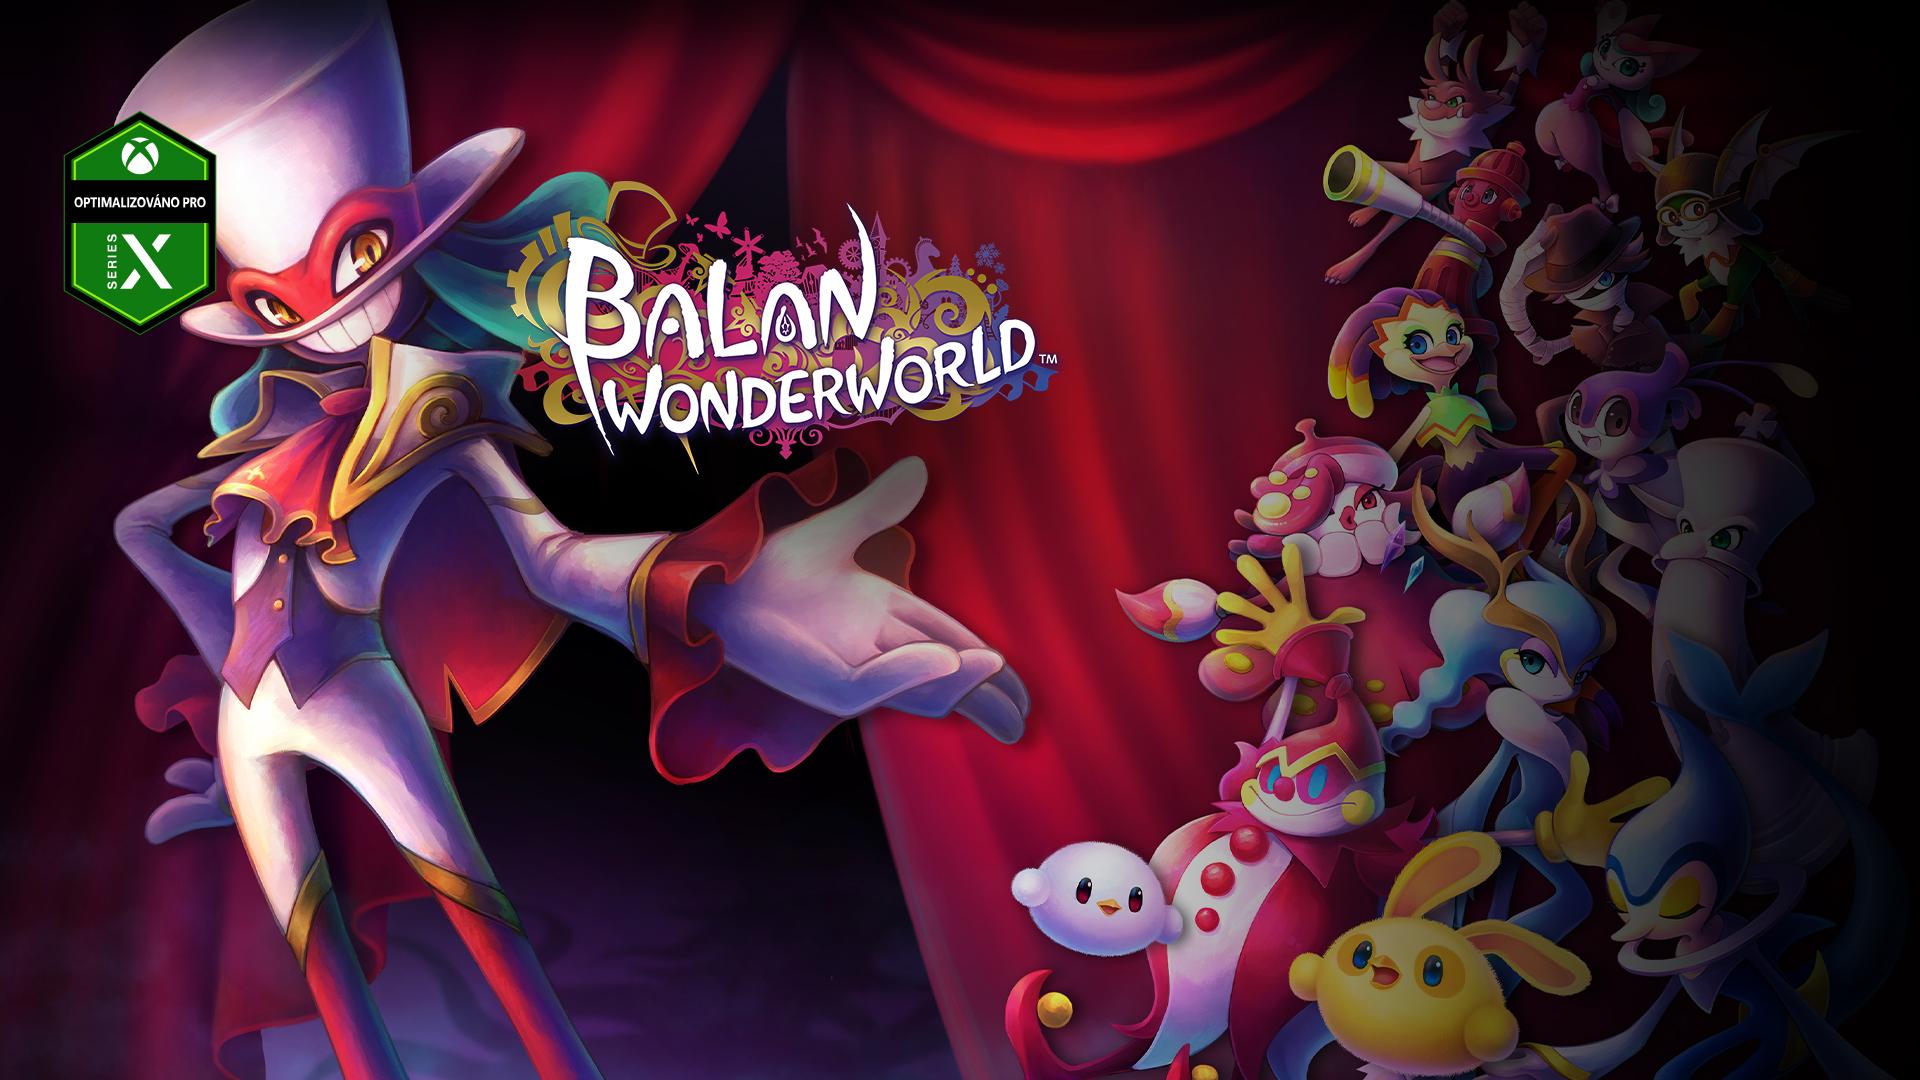 Balan Wonderworld, optimalizováno pro Series X. Dobře oblečený démon kyne skupině barevných stvoření.